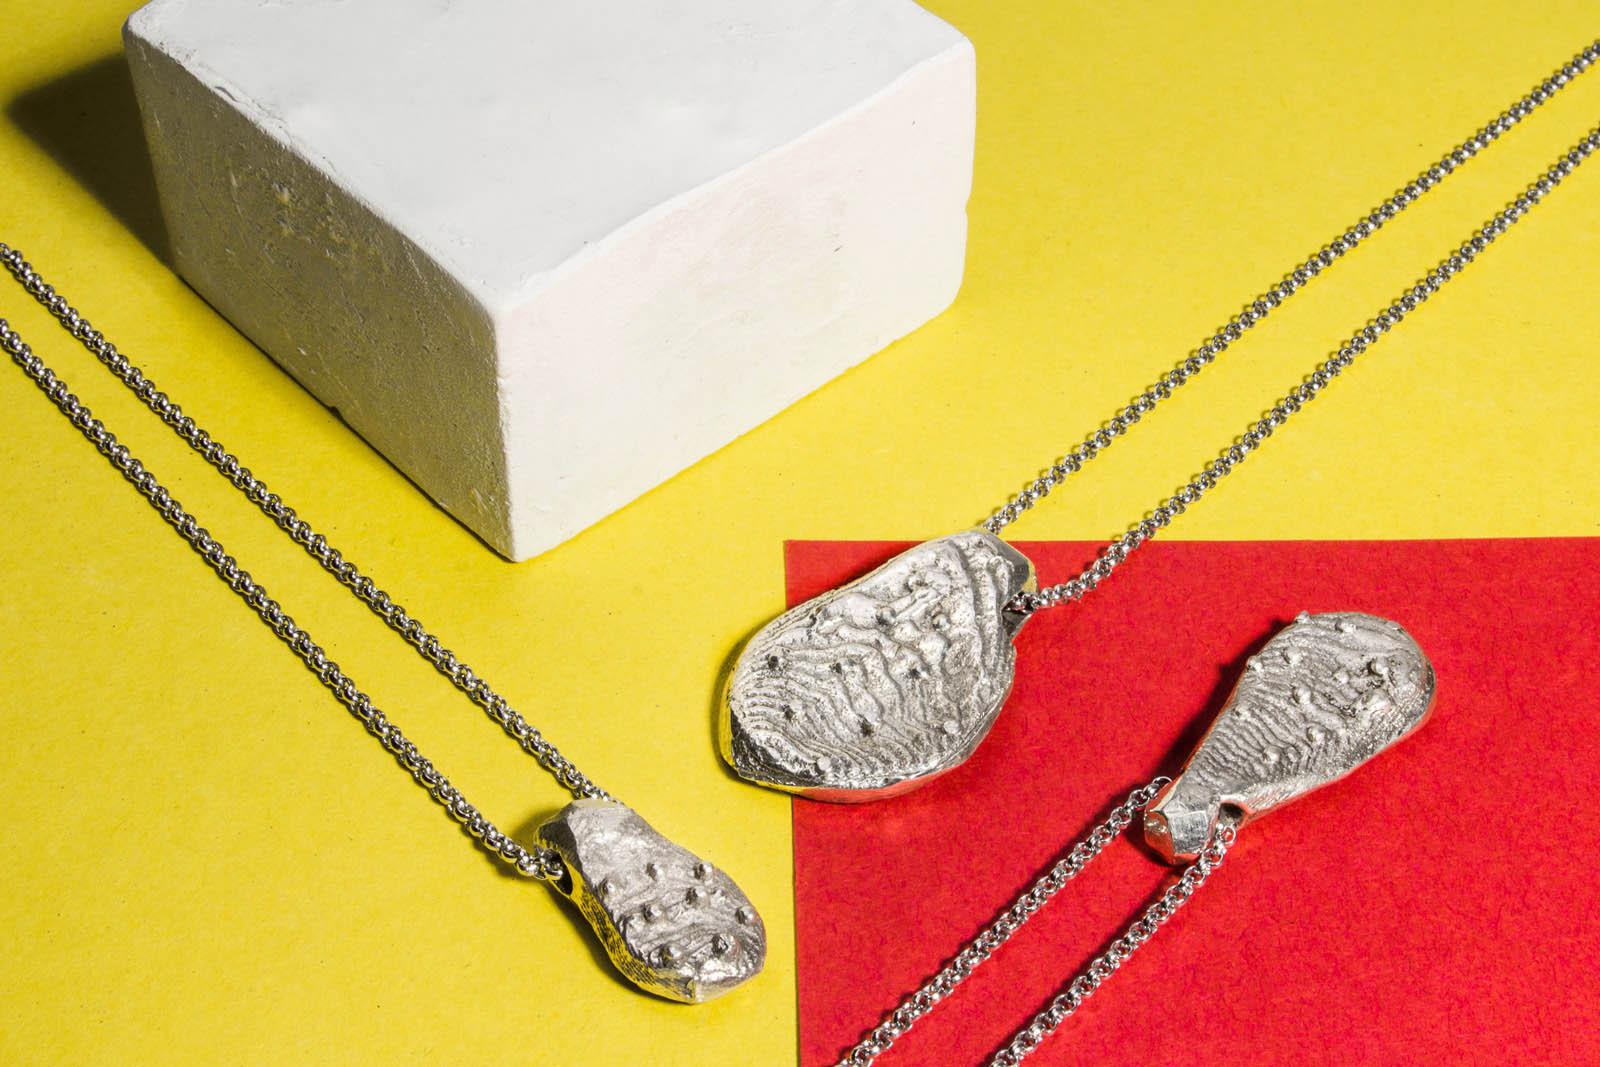 Pendenti in argento ispirati alla pala del fico d'india.